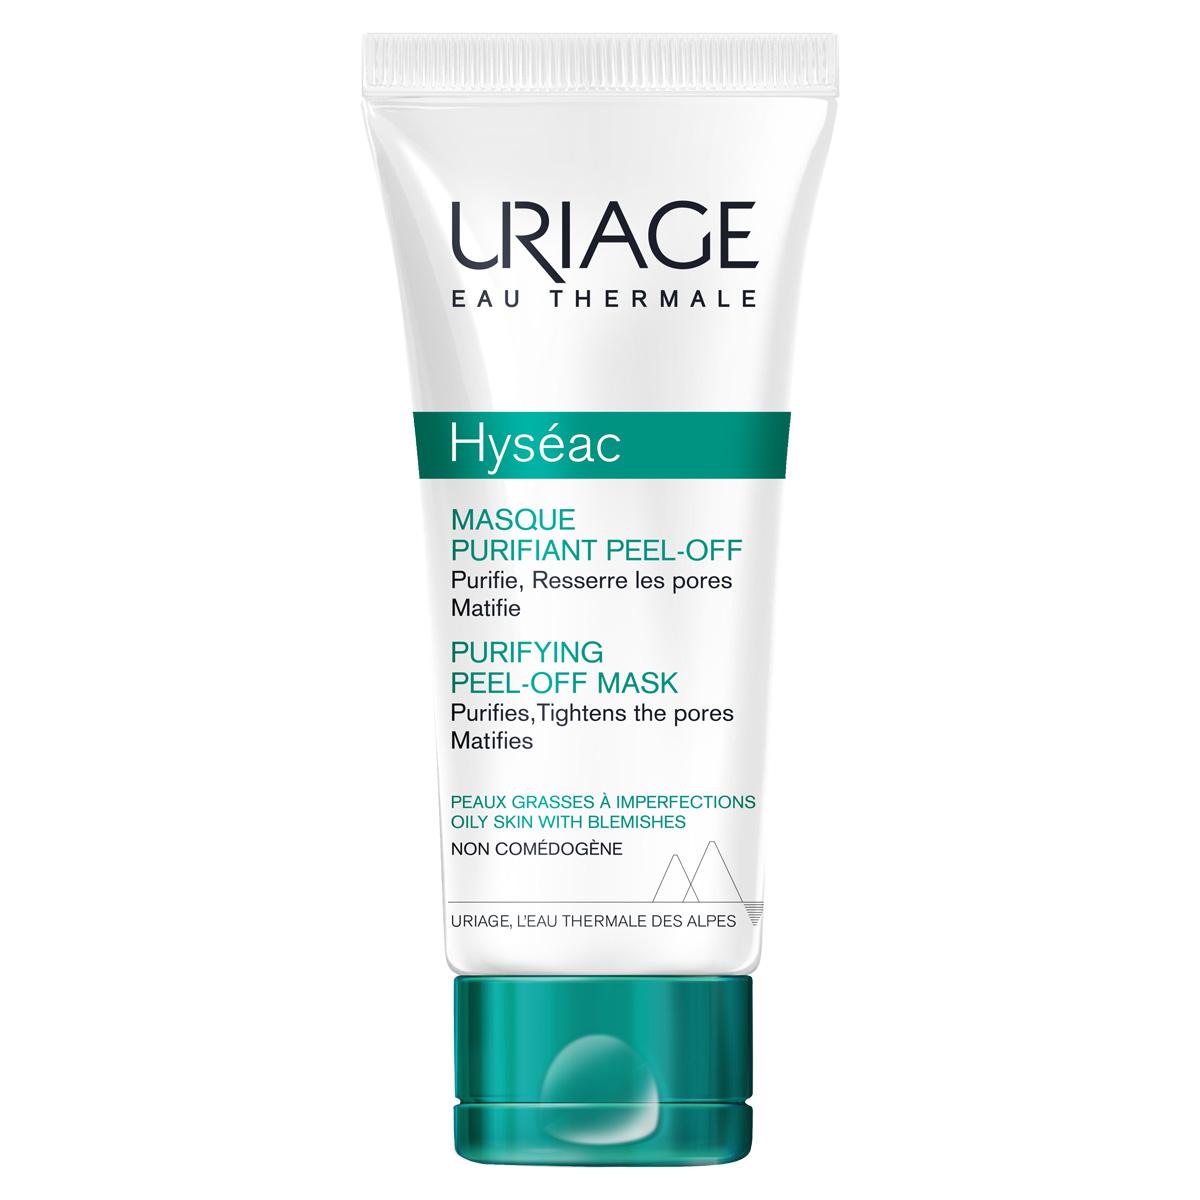 Купить Uriage Очищающая маска-пленка, 50 мл (Uriage, Hyseac), Франция